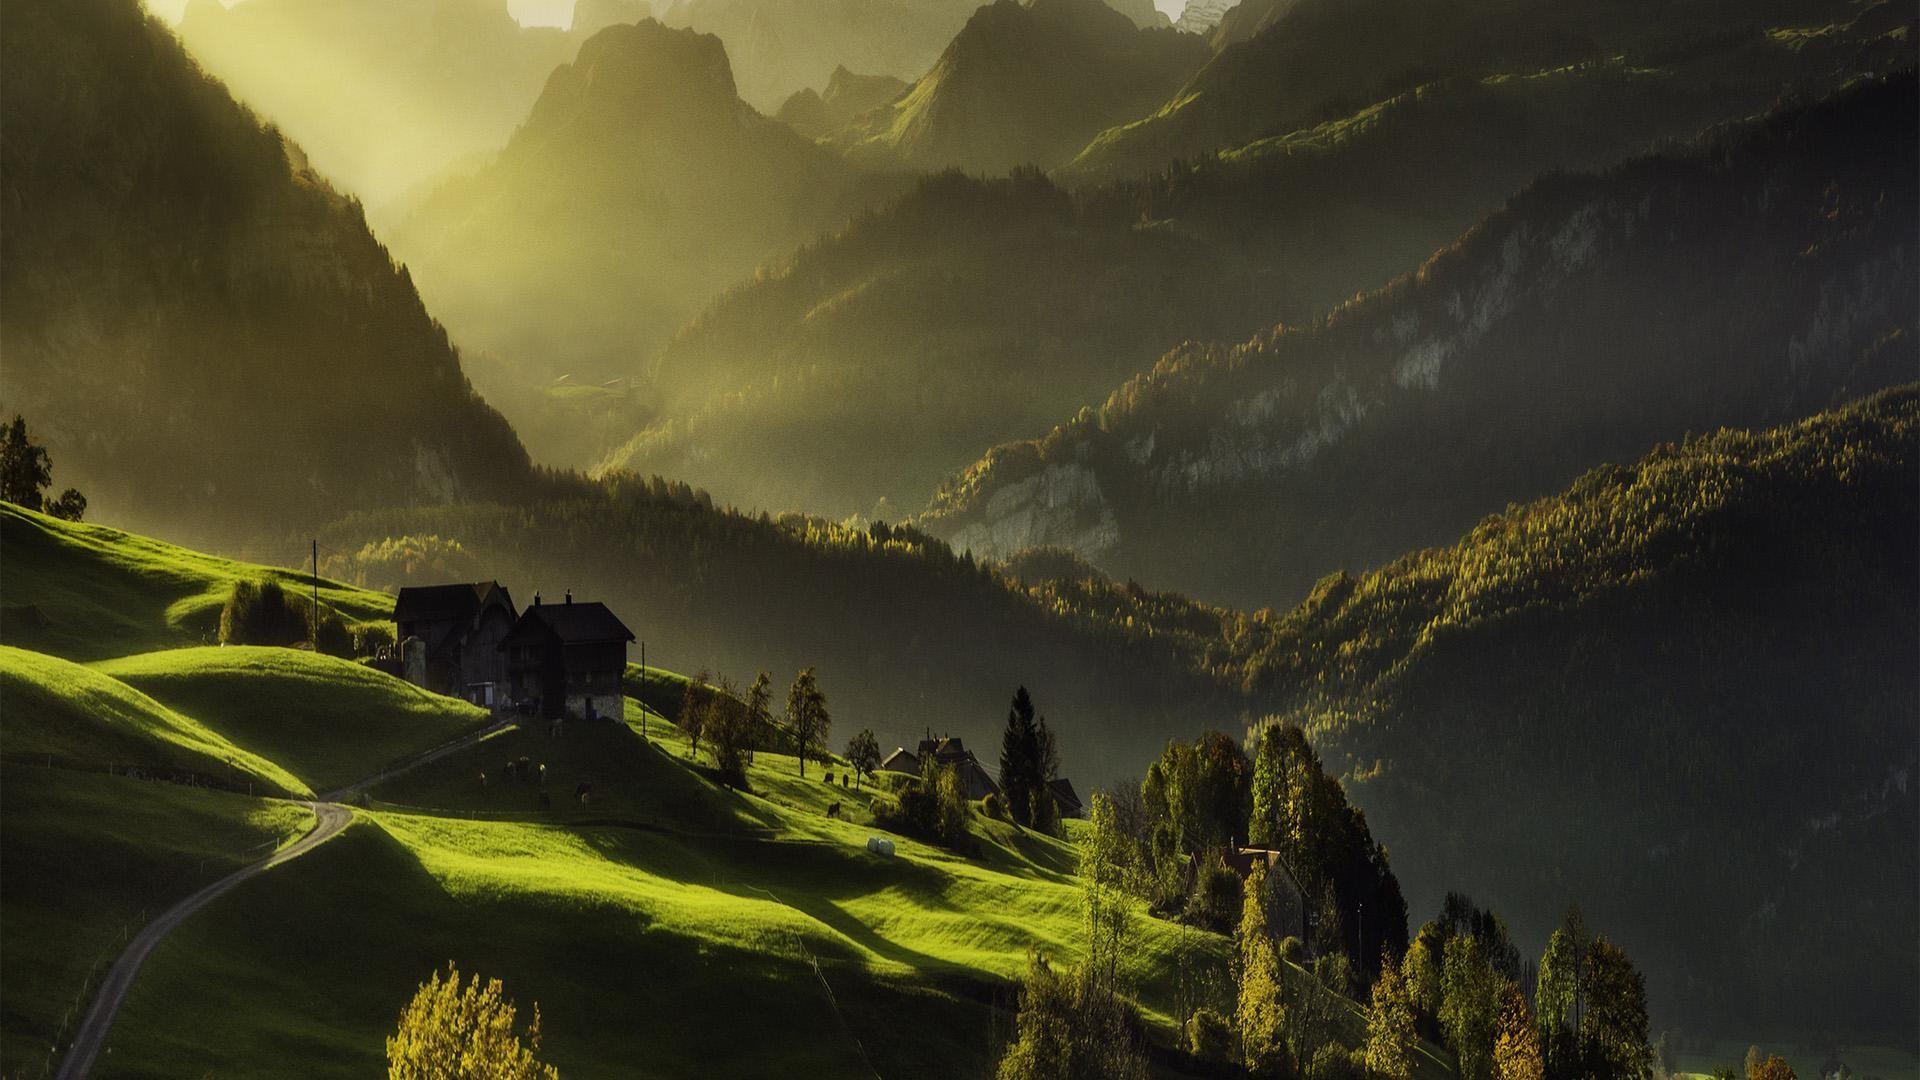 Best landscape hd wallpapers 1080p On Wallpaper HD 1366×768 with landscape hd  wallpapers 1080p Download HD